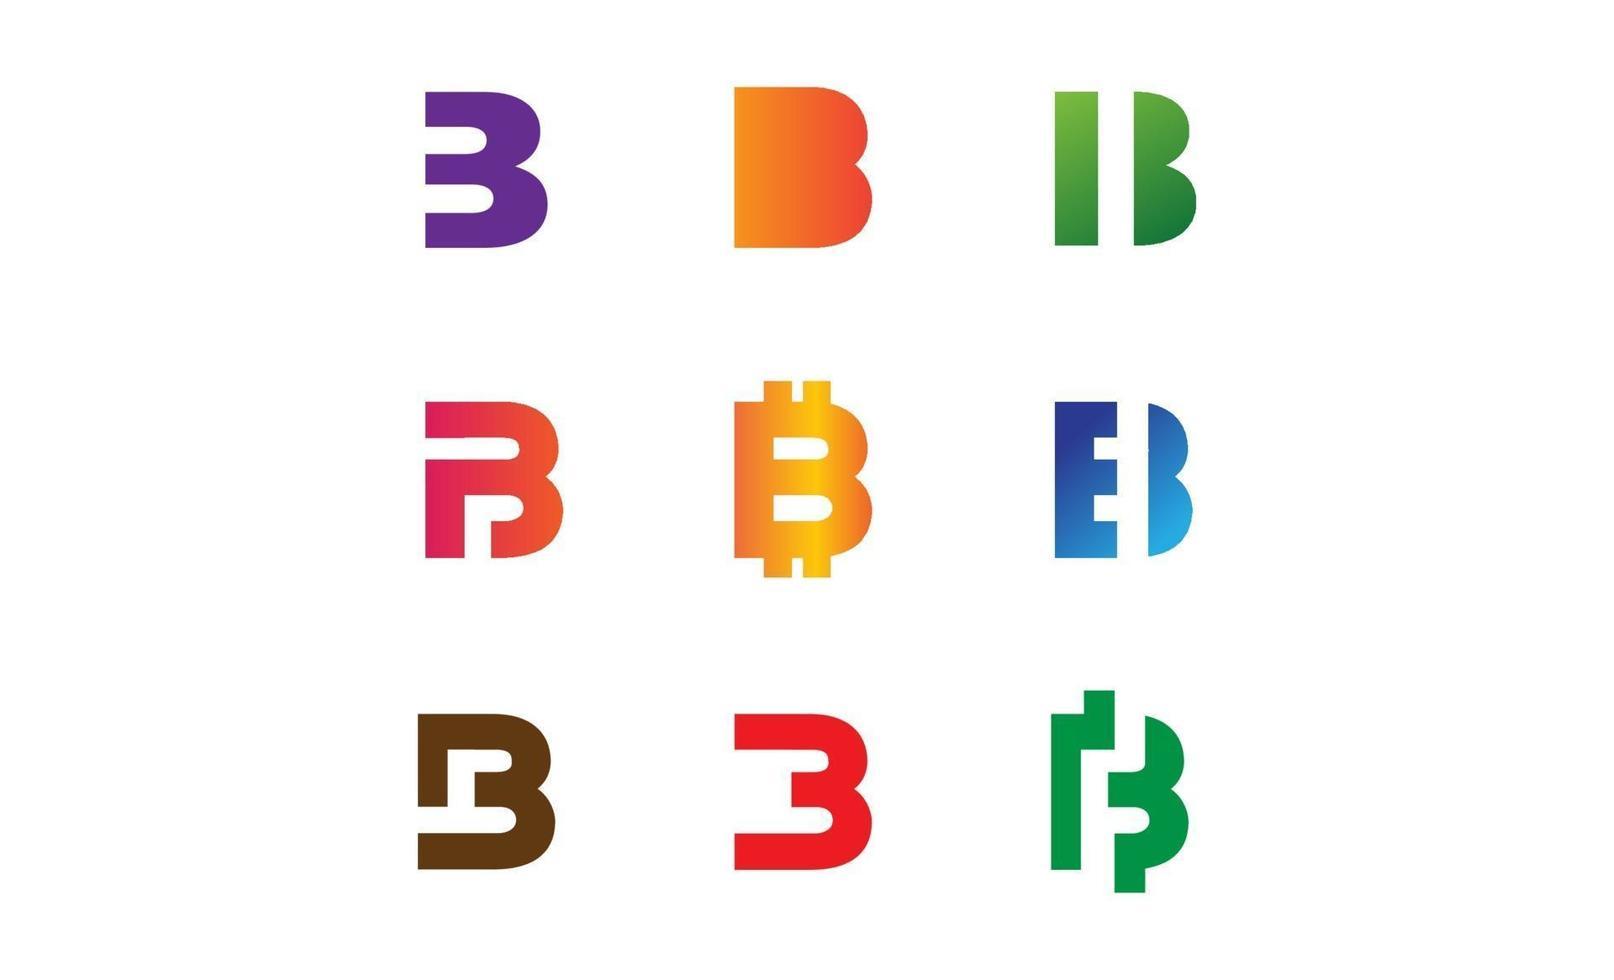 ställa in bokstaven b logotyp mall vektorillustration vektor